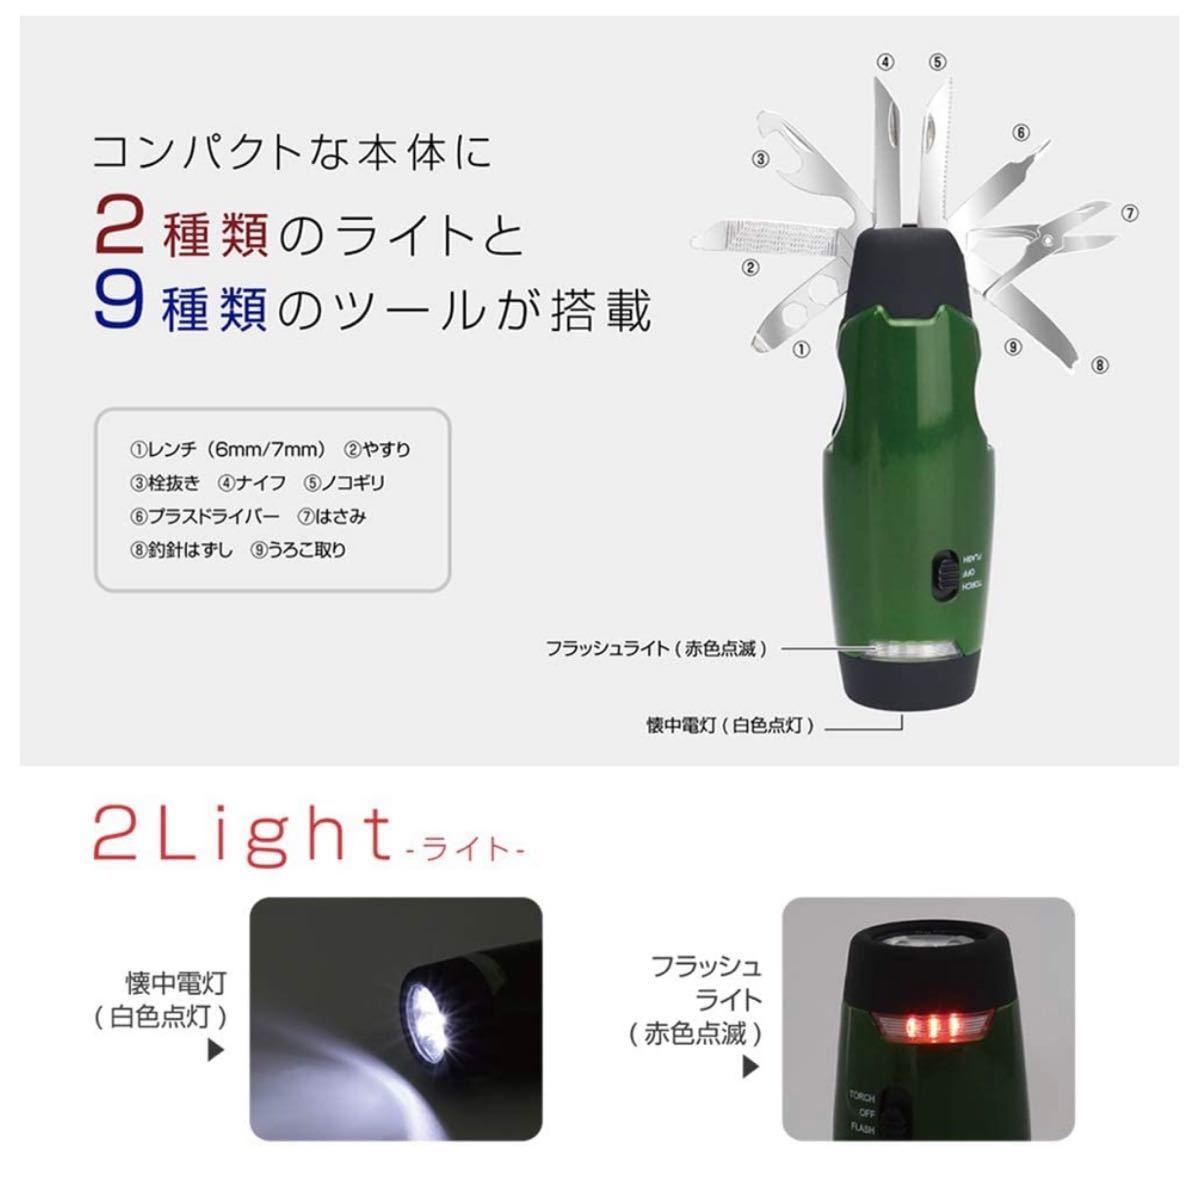 アウトドア マルチツール ライト 懐中電灯 9種類のツール ナイフ ノコギリ